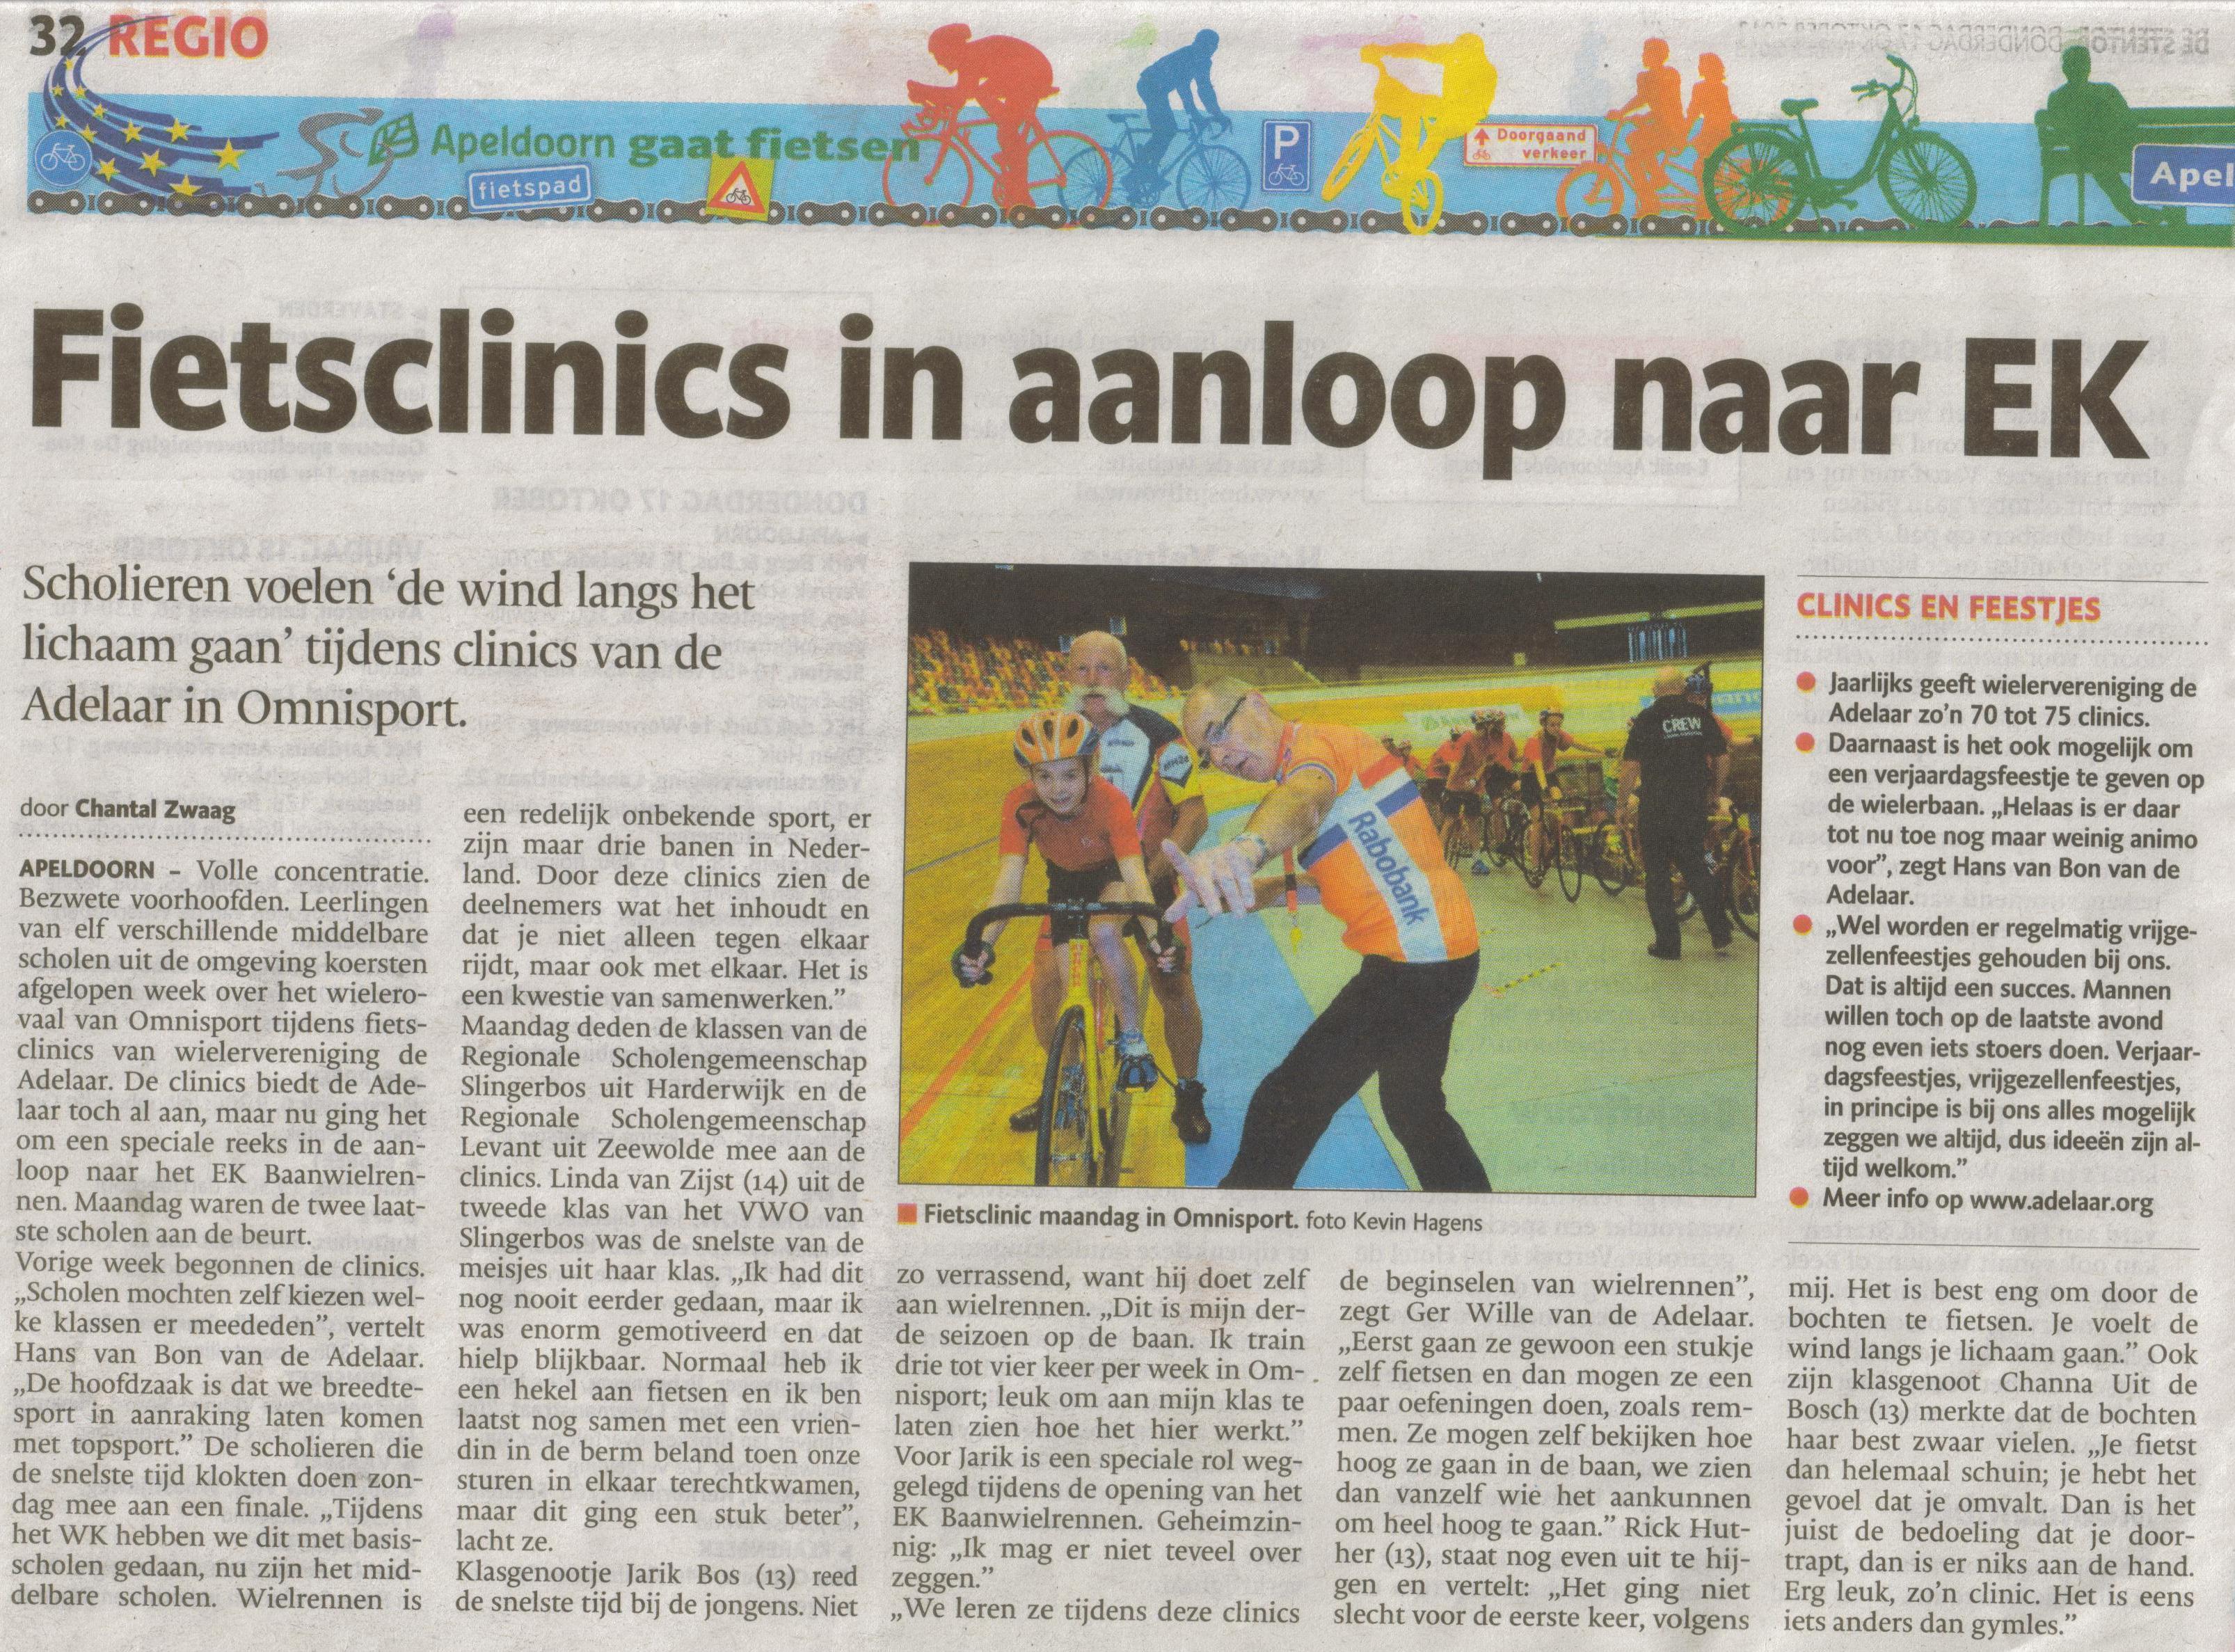 10- fietsclinics- maandag 14 okt heen- bijzondere productie- publicatiedatum 17 oktober 2013